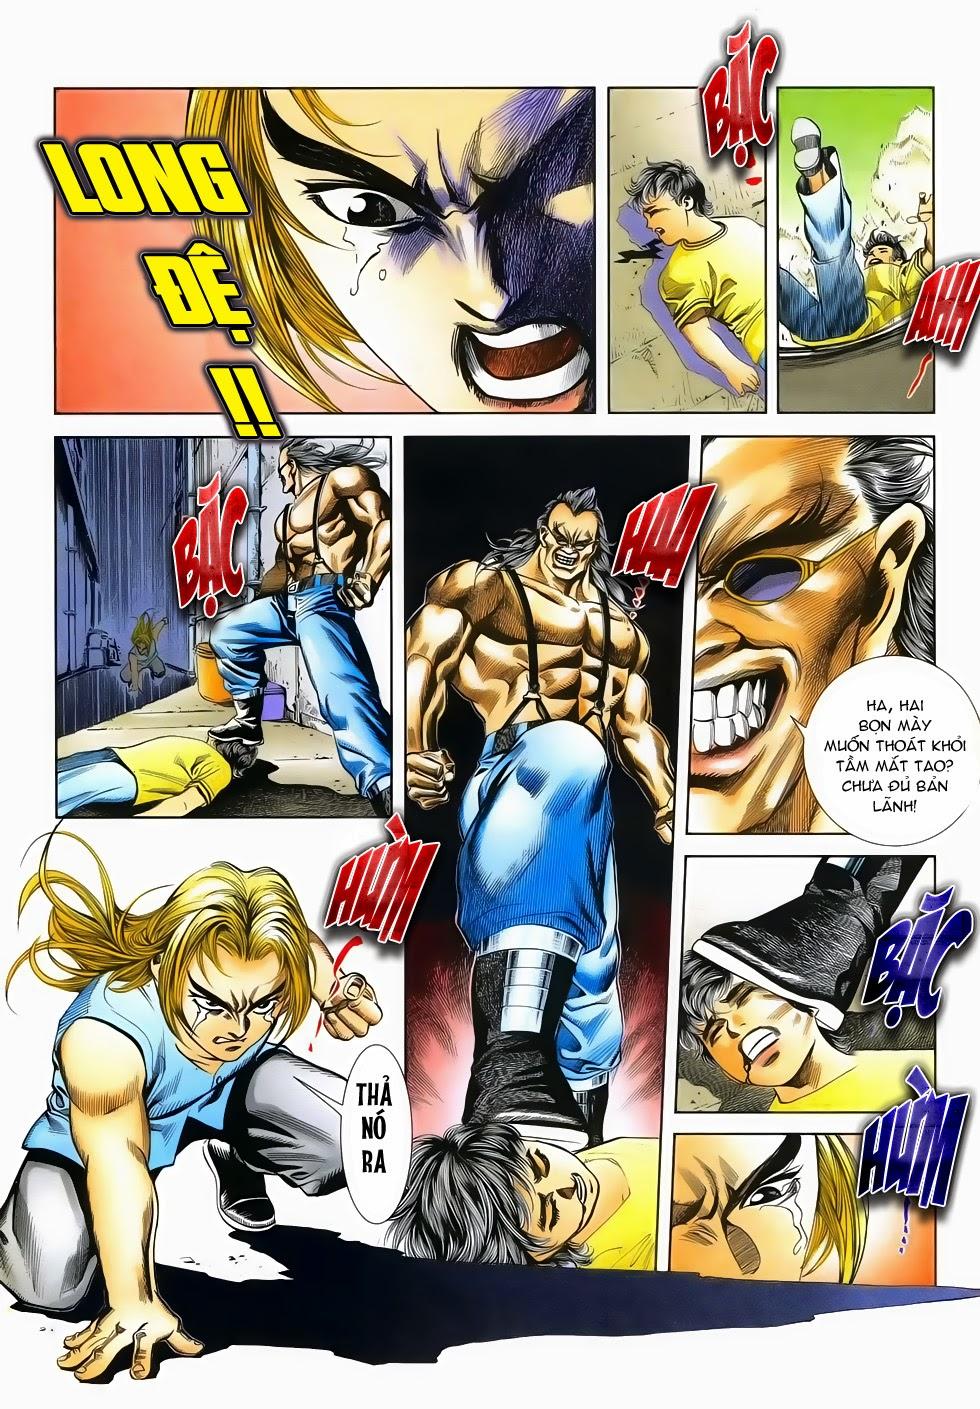 Long Hổ Phong Bạo chap 2 - Trang 31